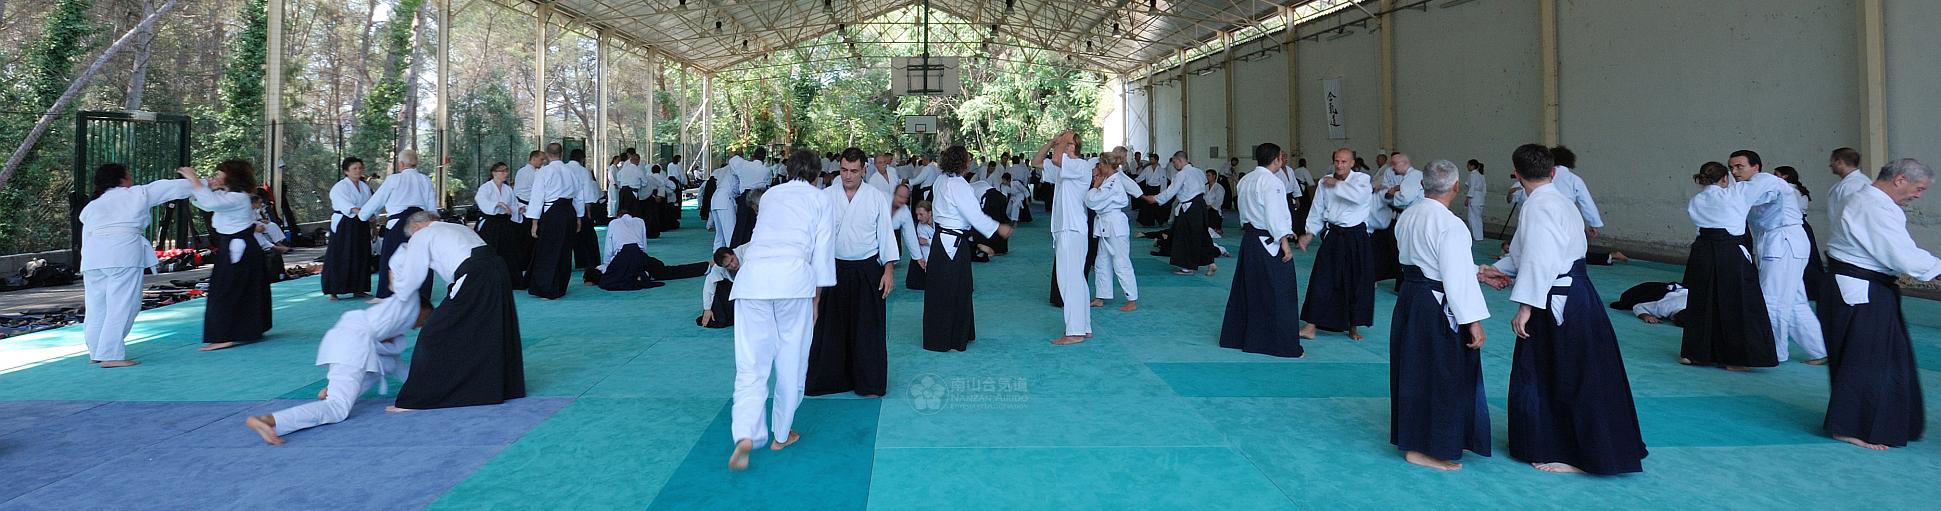 Minden edzés nyilvános, így a látogató betekintést nyerhet az Aikido harcművészet világába. A tagfelvétel folyamatos, egész évben szeretettel várjuk felnőtt csoportunkba a 14-99 éves hölgyek és urak, gyermek csoportunkba pedig a 7-13 éves lányok és fiúk jelentkezését.